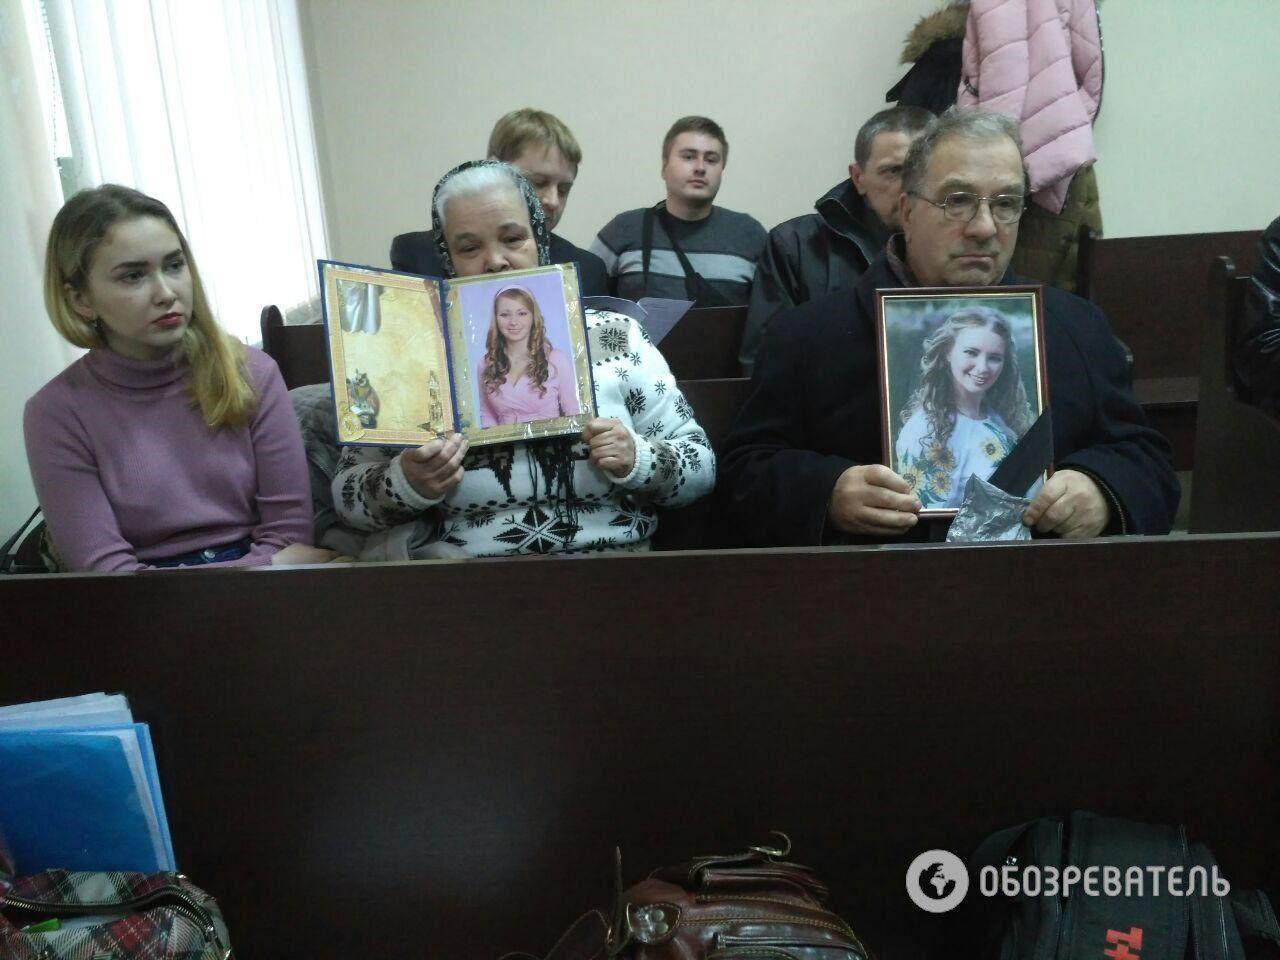 Дочь Настя и родители Ирины Ноздровской во время судебного заседания 27 декабря 2017 года